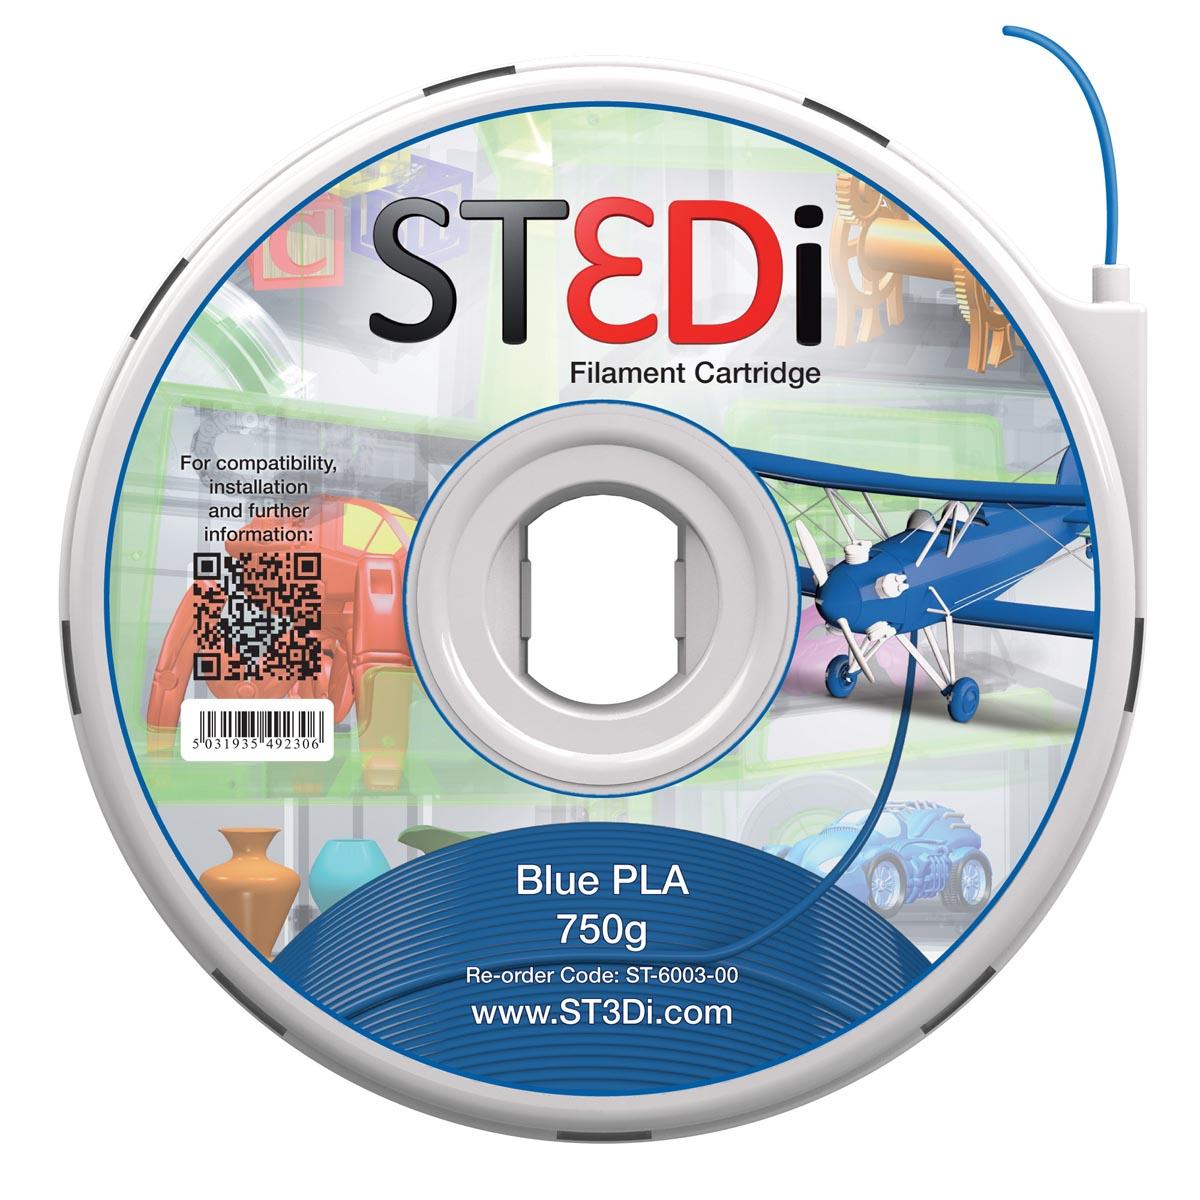 St3di cartridge pla 750g blauw voor st3di printer